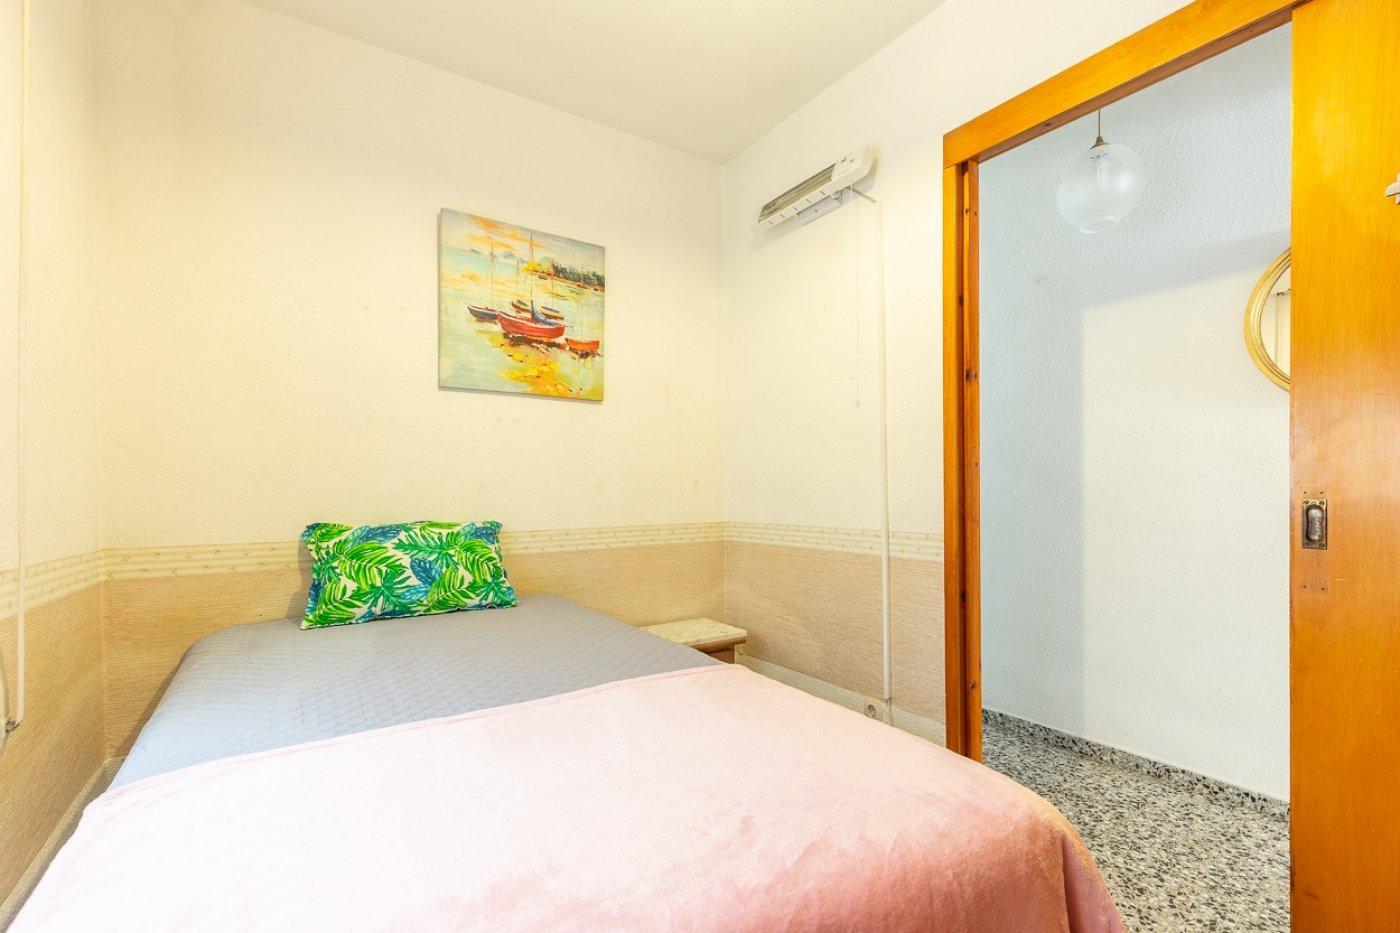 Piso de 2 dormitorios (3 de origen), en pleno centro de Benidorm. A 500 metros de la playa. 17